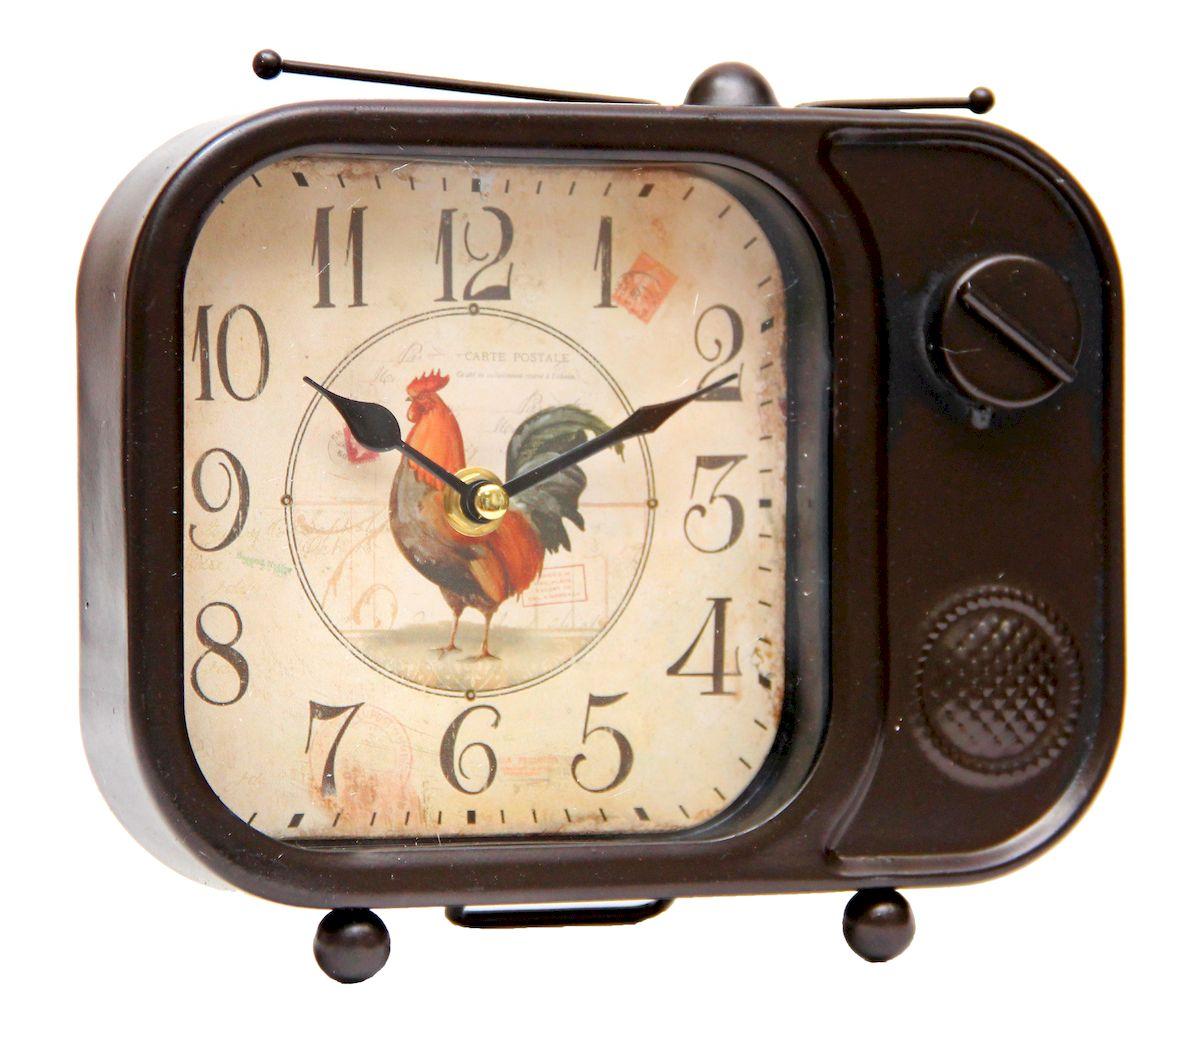 Часы настольные Magic Home Телевизор, кварцевые, цвет: коричневый41494Настольные кварцевые часы Magic Home Телевизор изготовлены из металла , циферблат из металла с покрытием из принтованной бумаги. Настольные часы Magic Home Телевизор прекрасно оформят интерьер дома или рабочий стол в офисе. Часы работают от одной батарейки типа АА мощностью 1,5V (не входит в комплект).